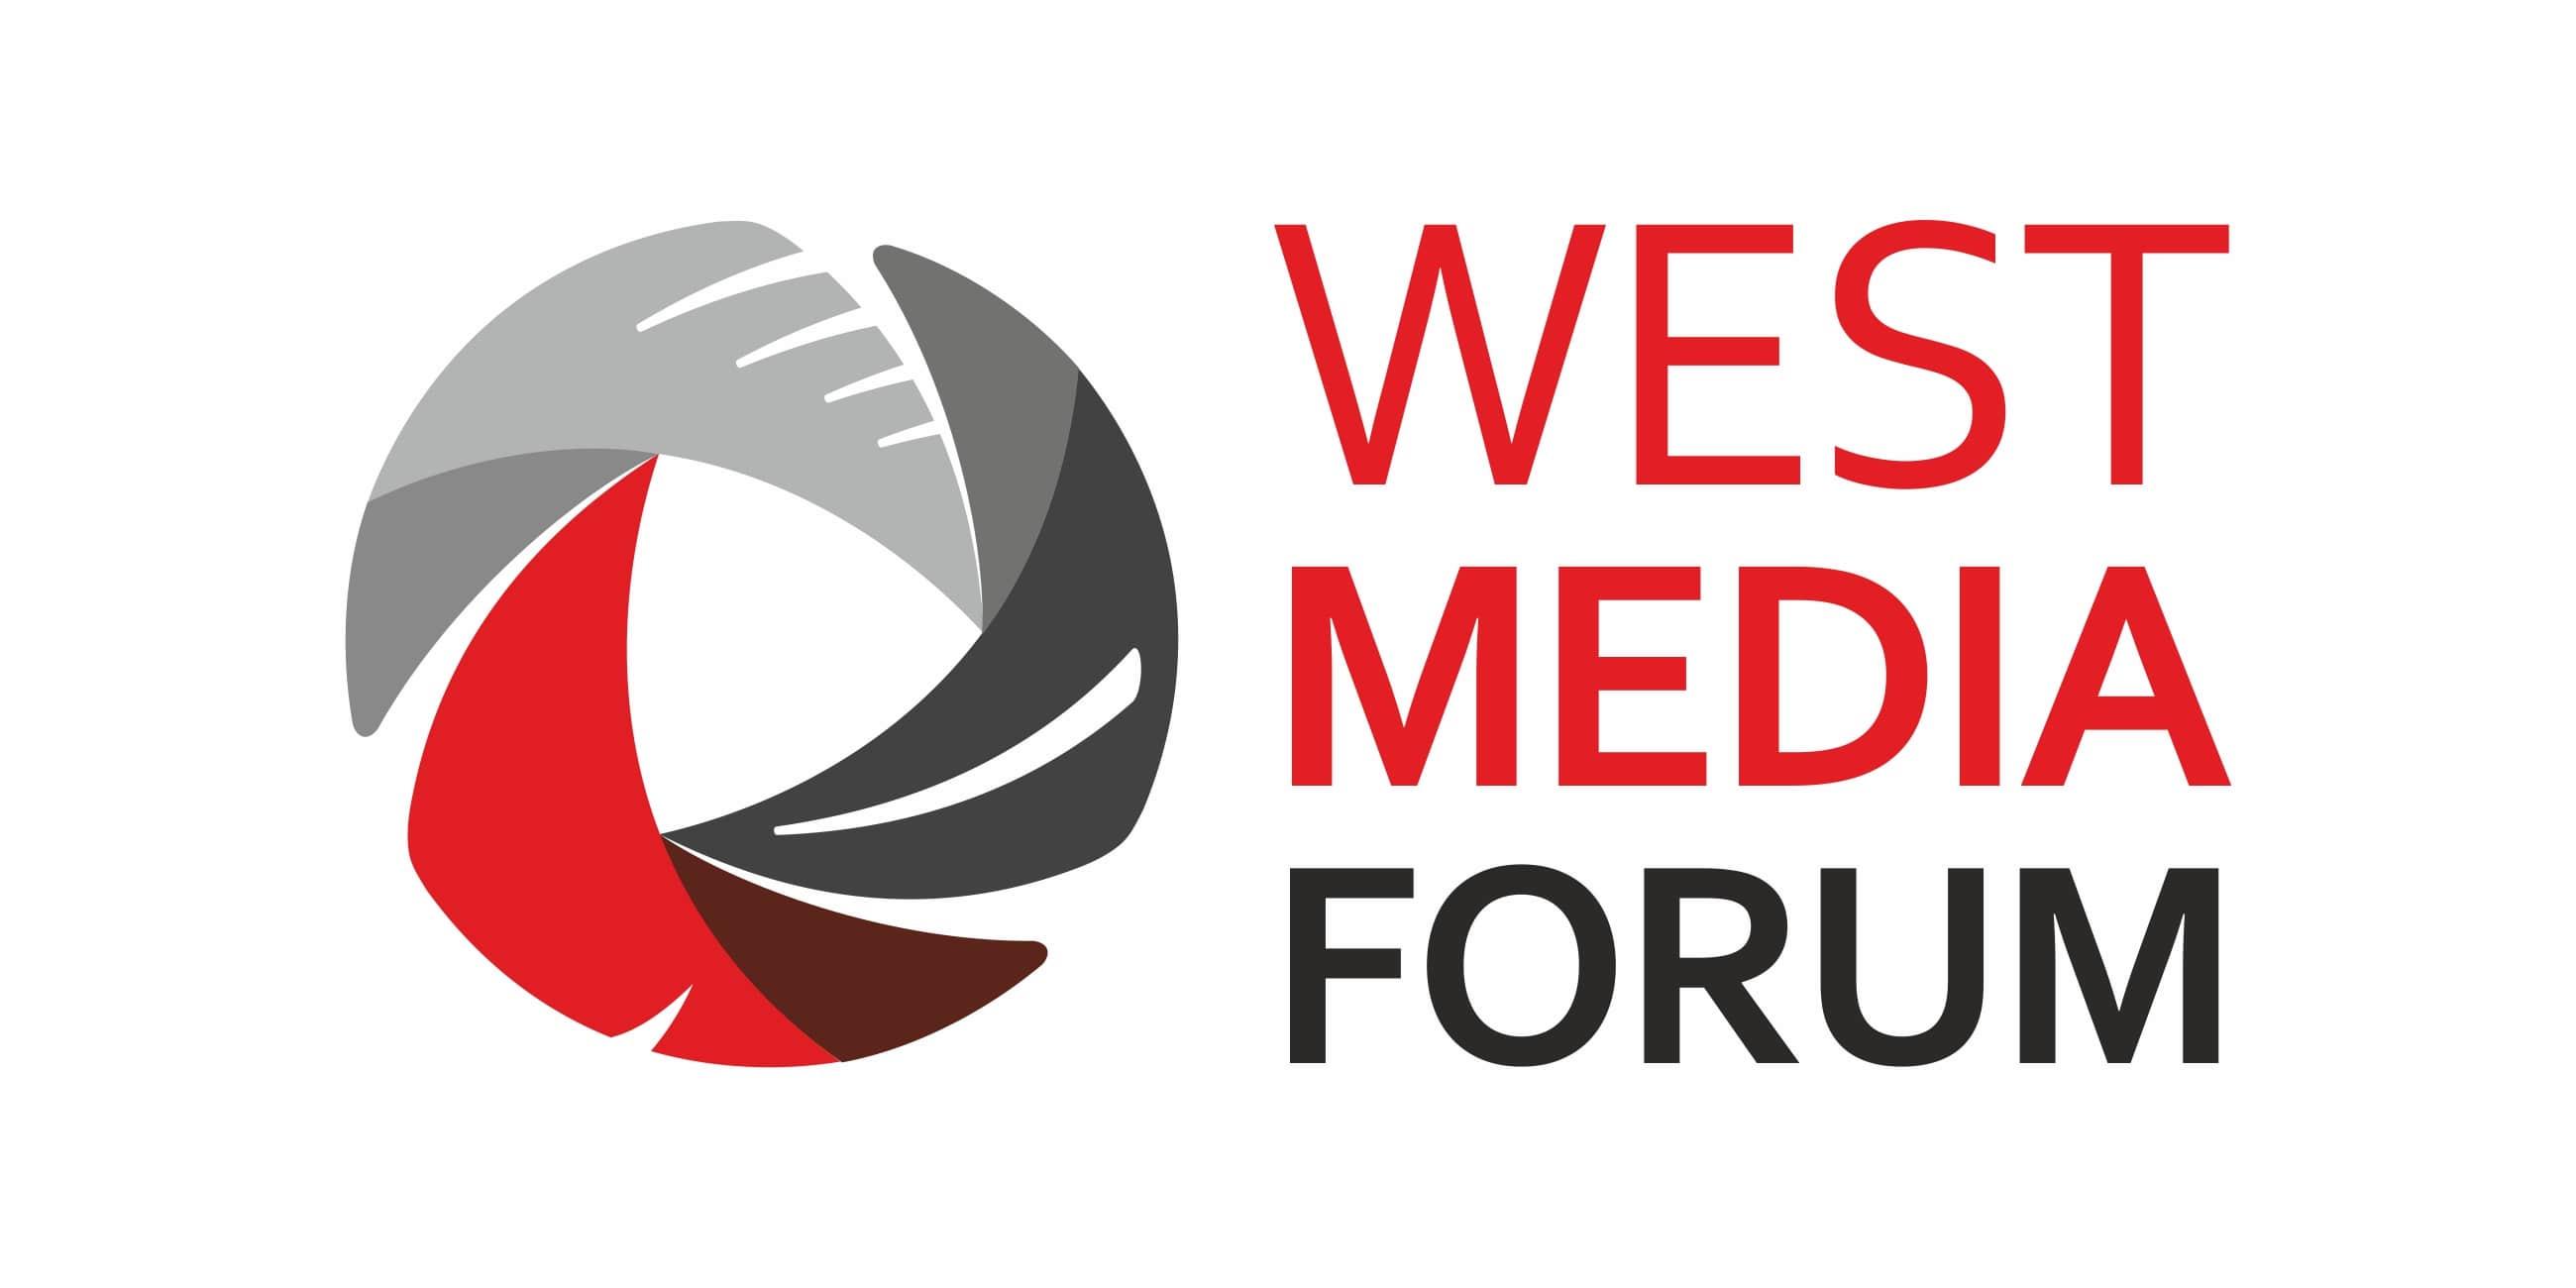 Опублікували повну програму West Media Forum: брендам потрібні медіа